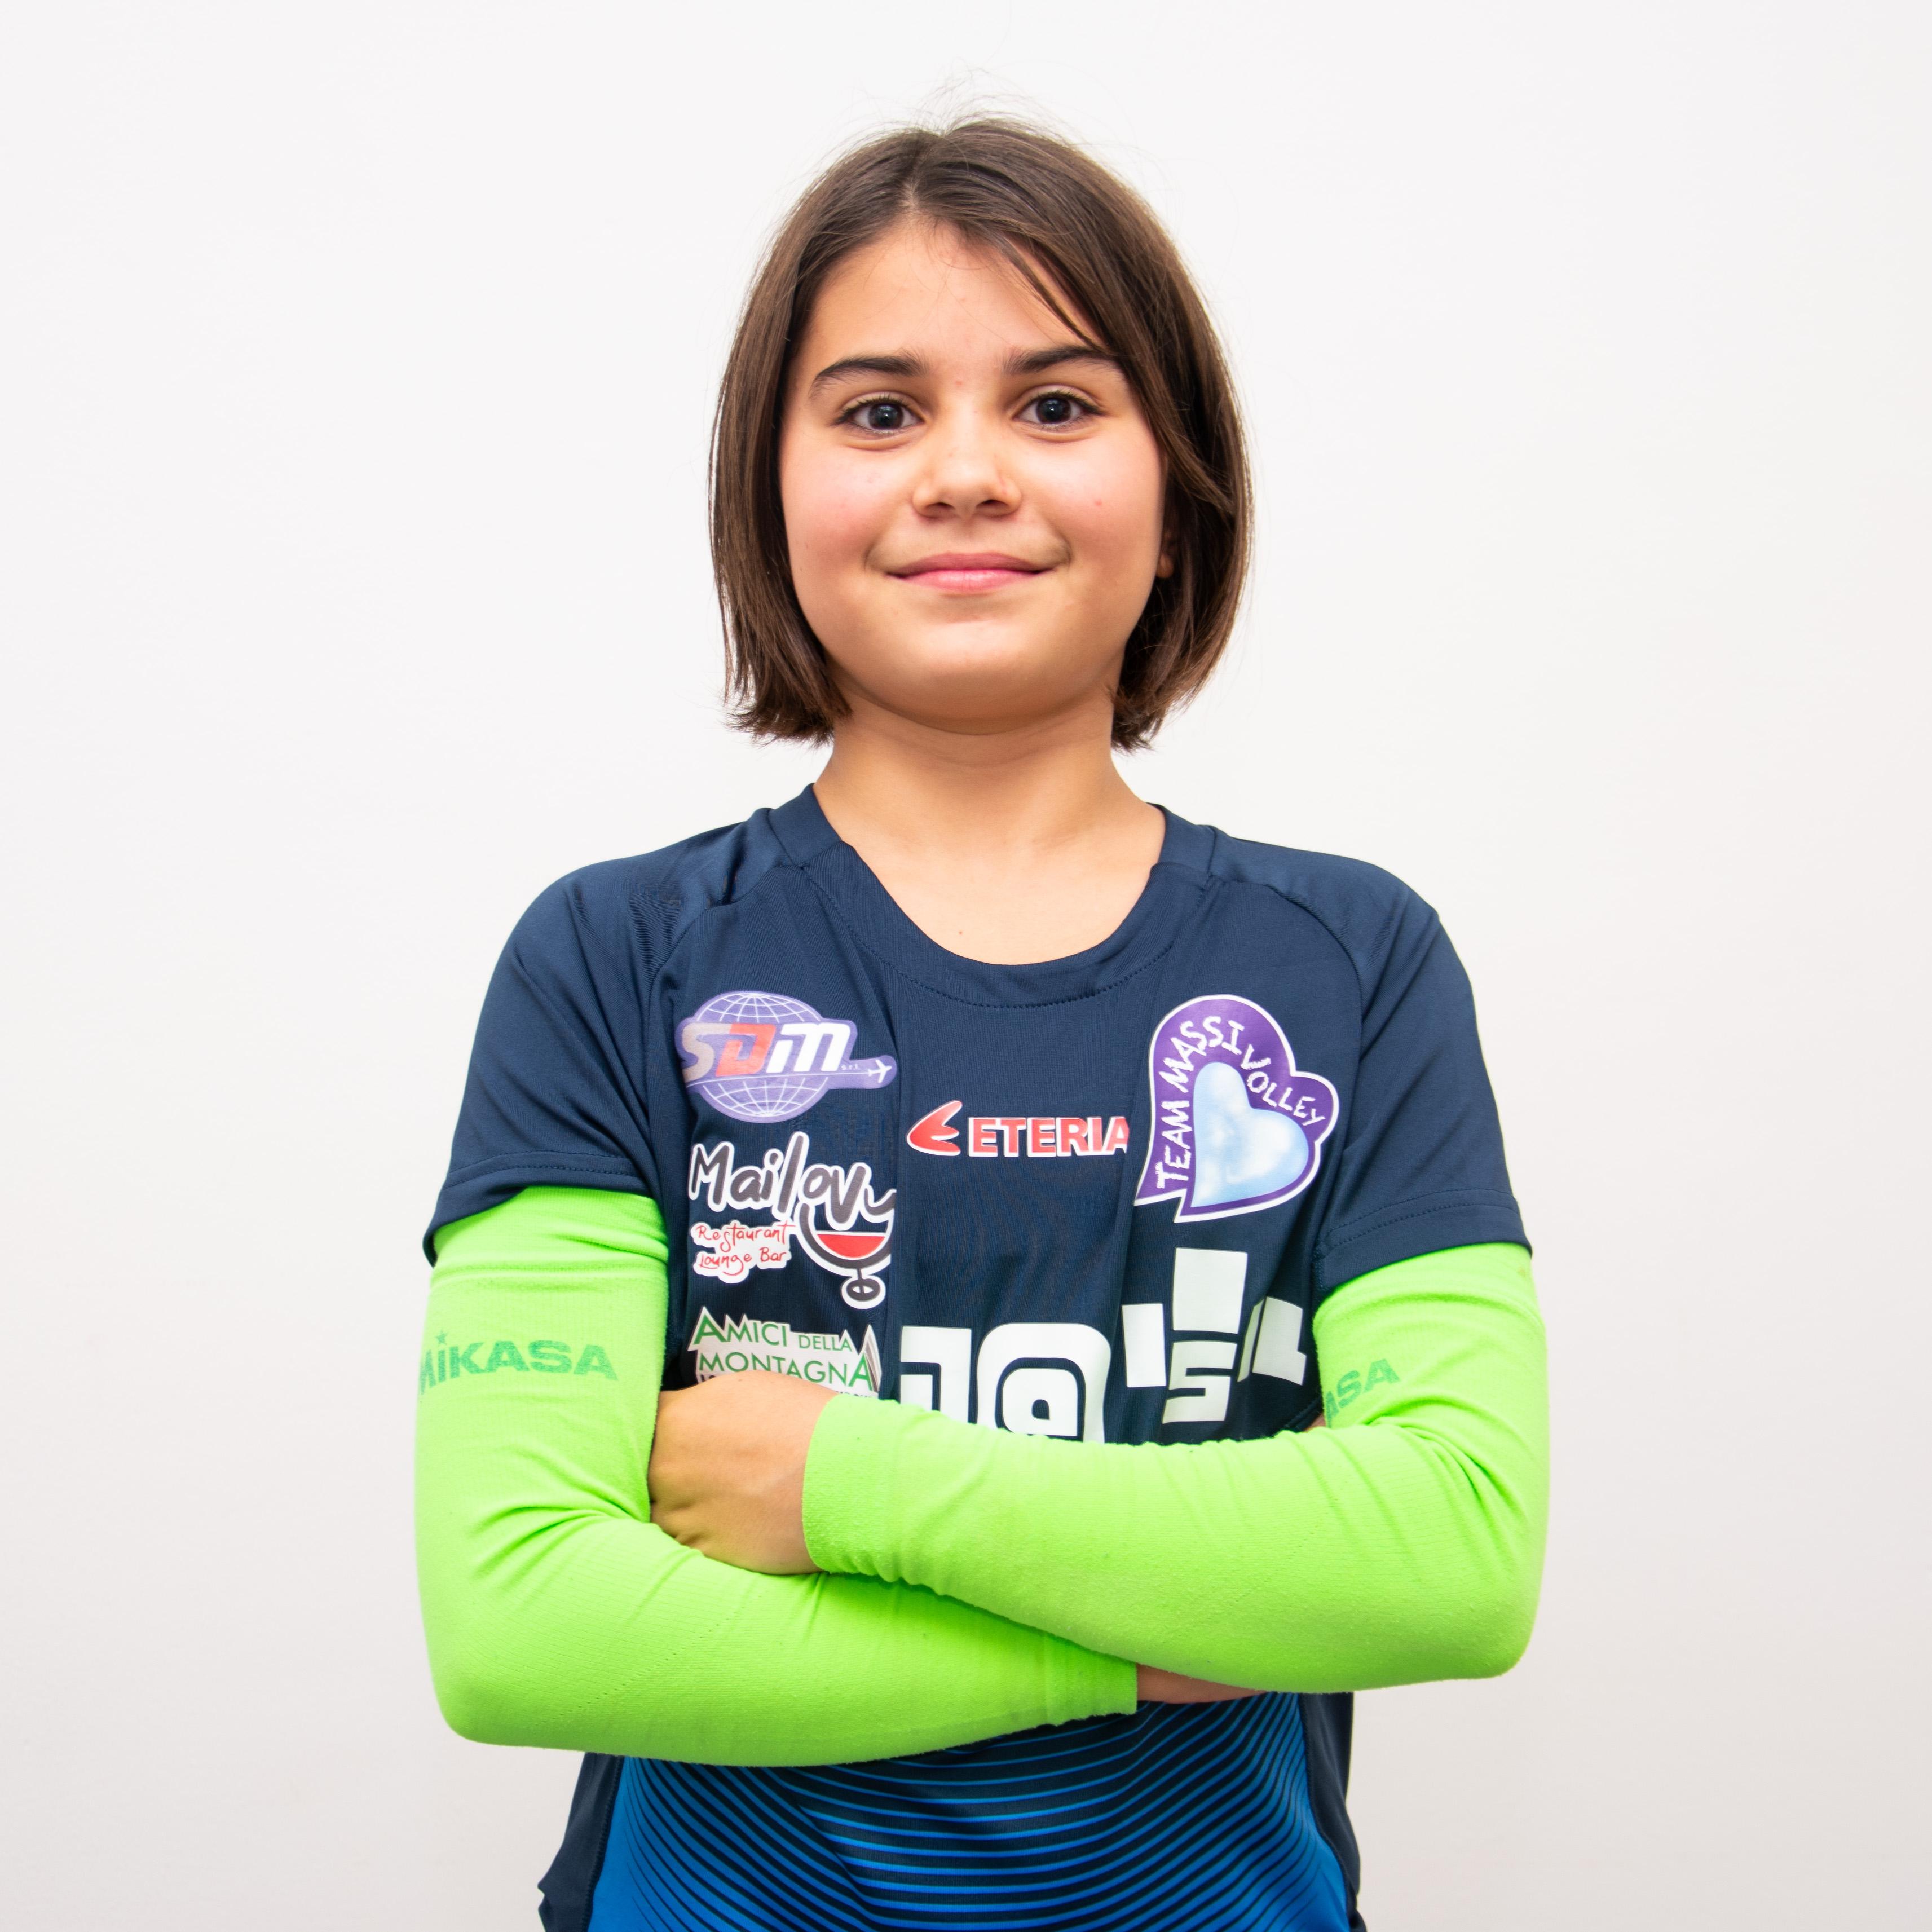 Alice Brunero